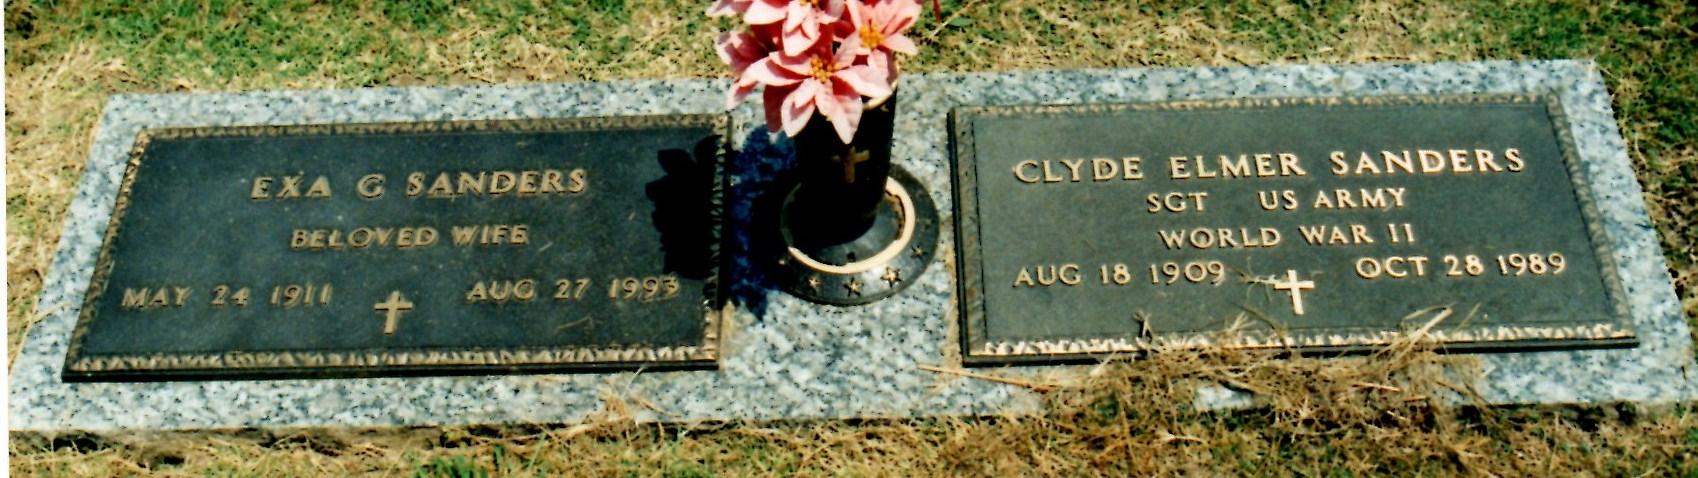 Clyde Elmer Sanders